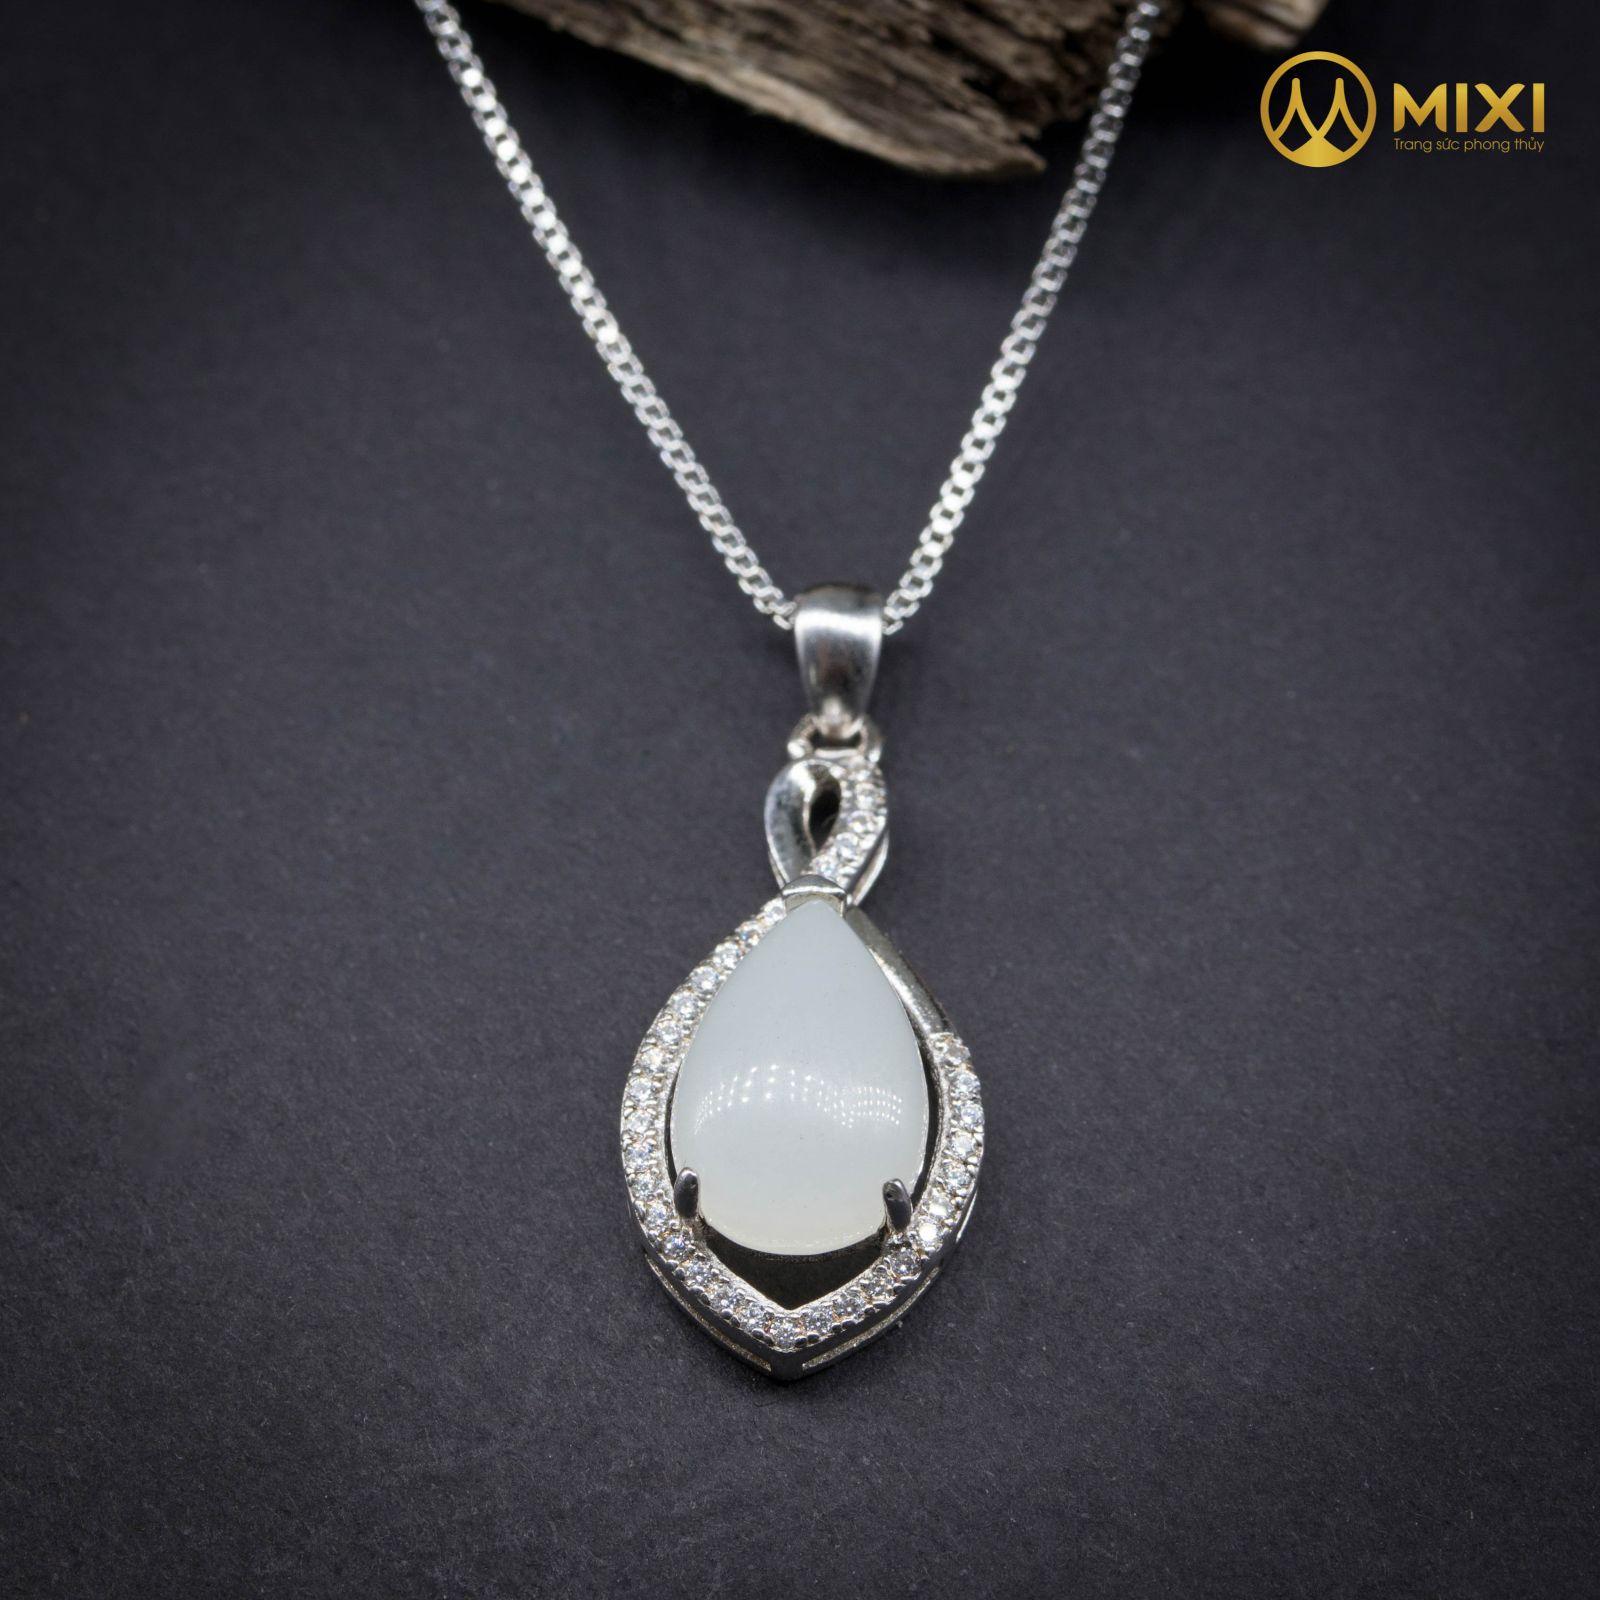 Mặt Dây Chuyền Bạch Ngọc Onyx Marble Bọc Bạc Hình Giọt Nước